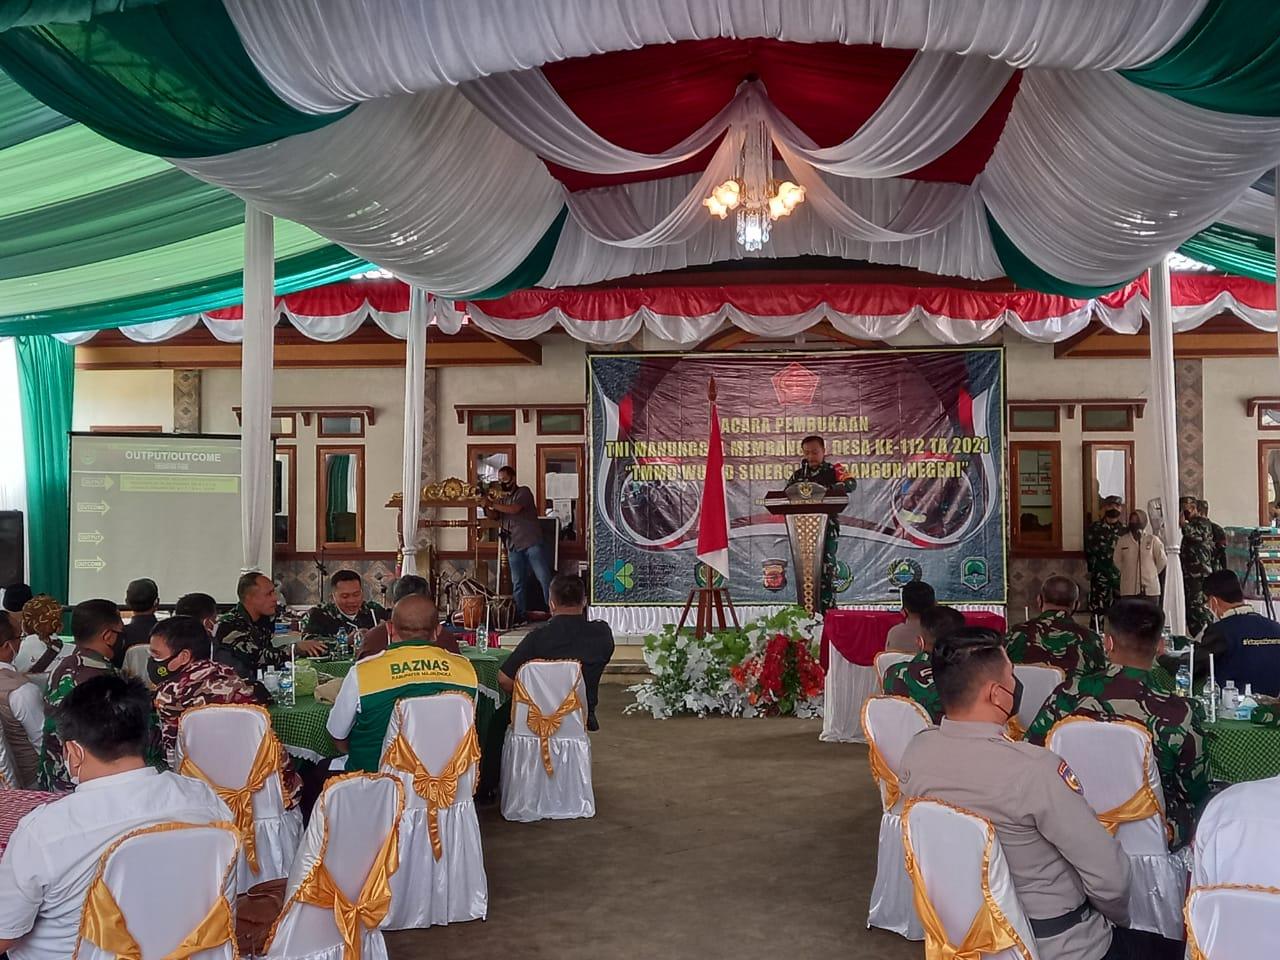 Kapolres Majalengka Menghadiri Pembukaan TNI Manunggal Membangun Desa Ke-112 Tahun 2021